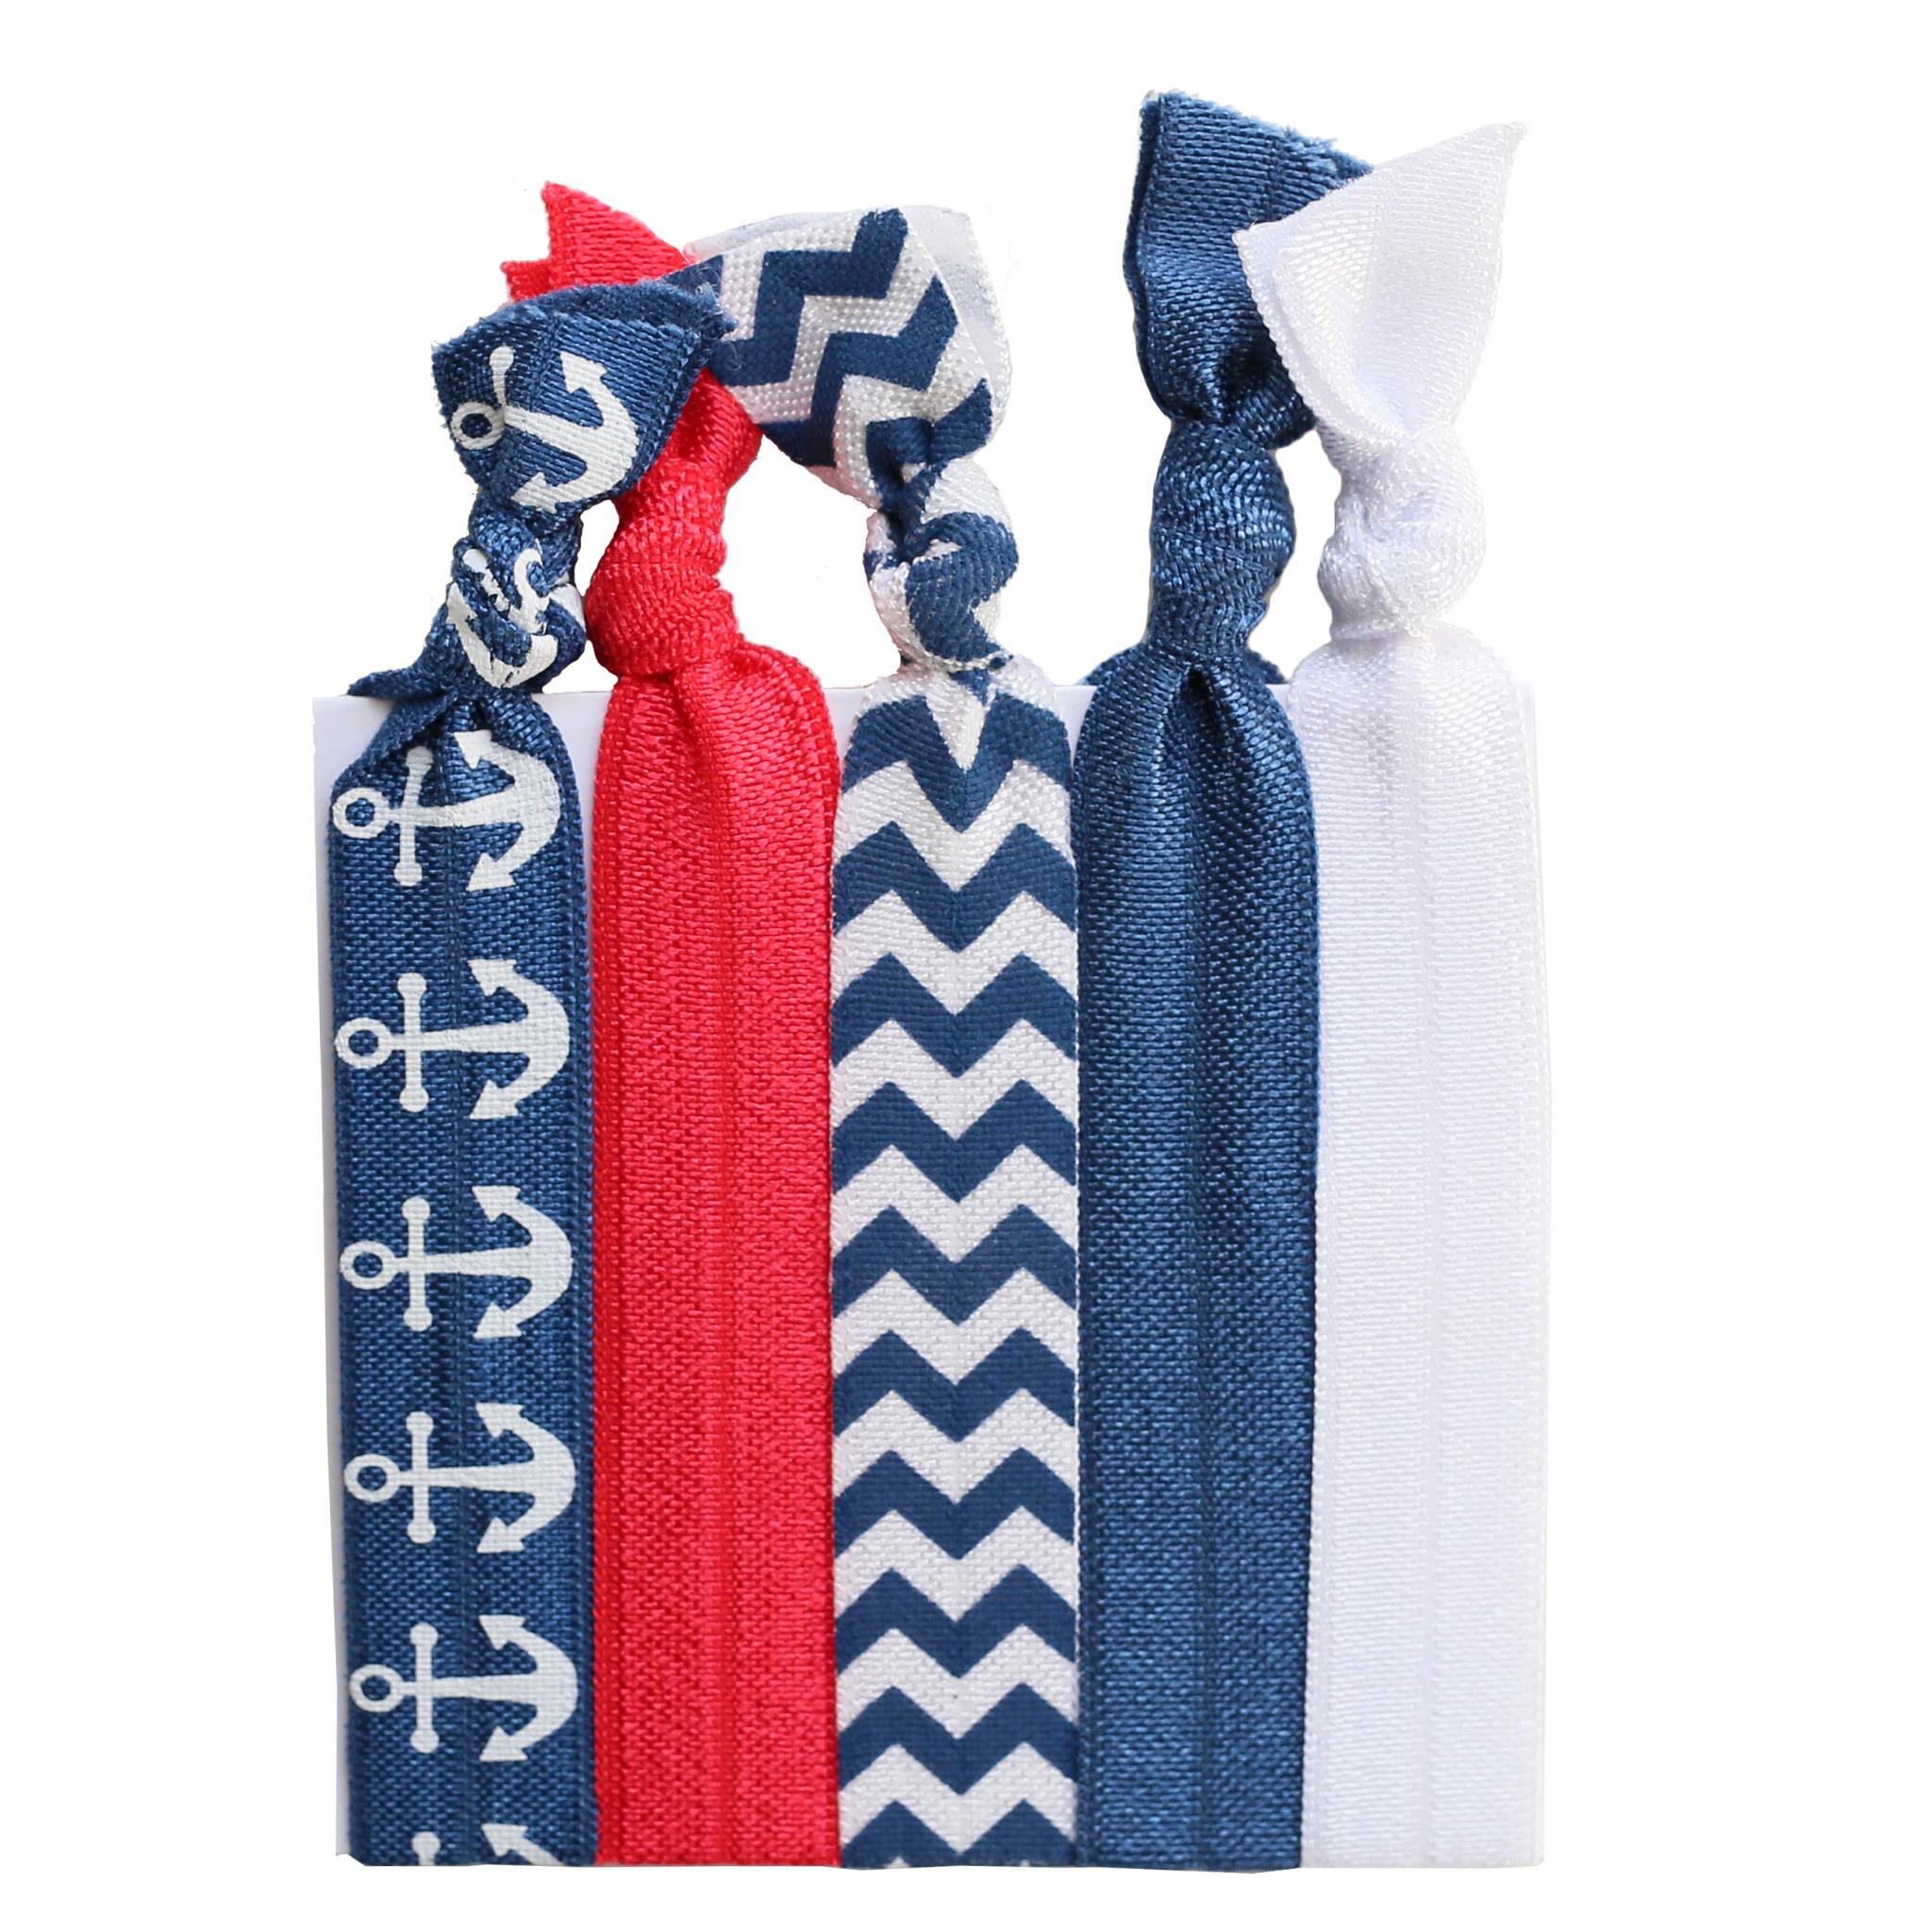 Hair Ties Set of 5 - Nautical